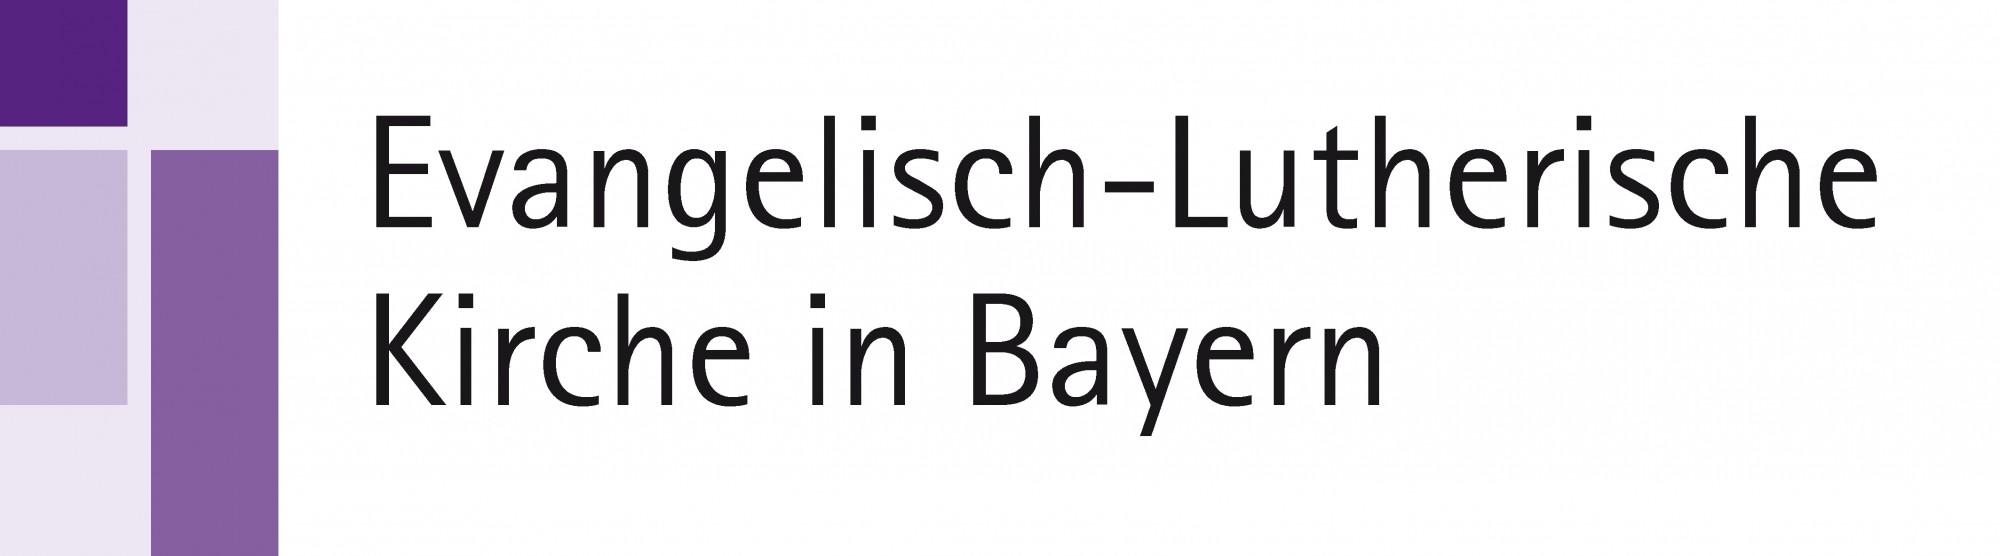 Evangelisch Lutherische Kirche in Bayern